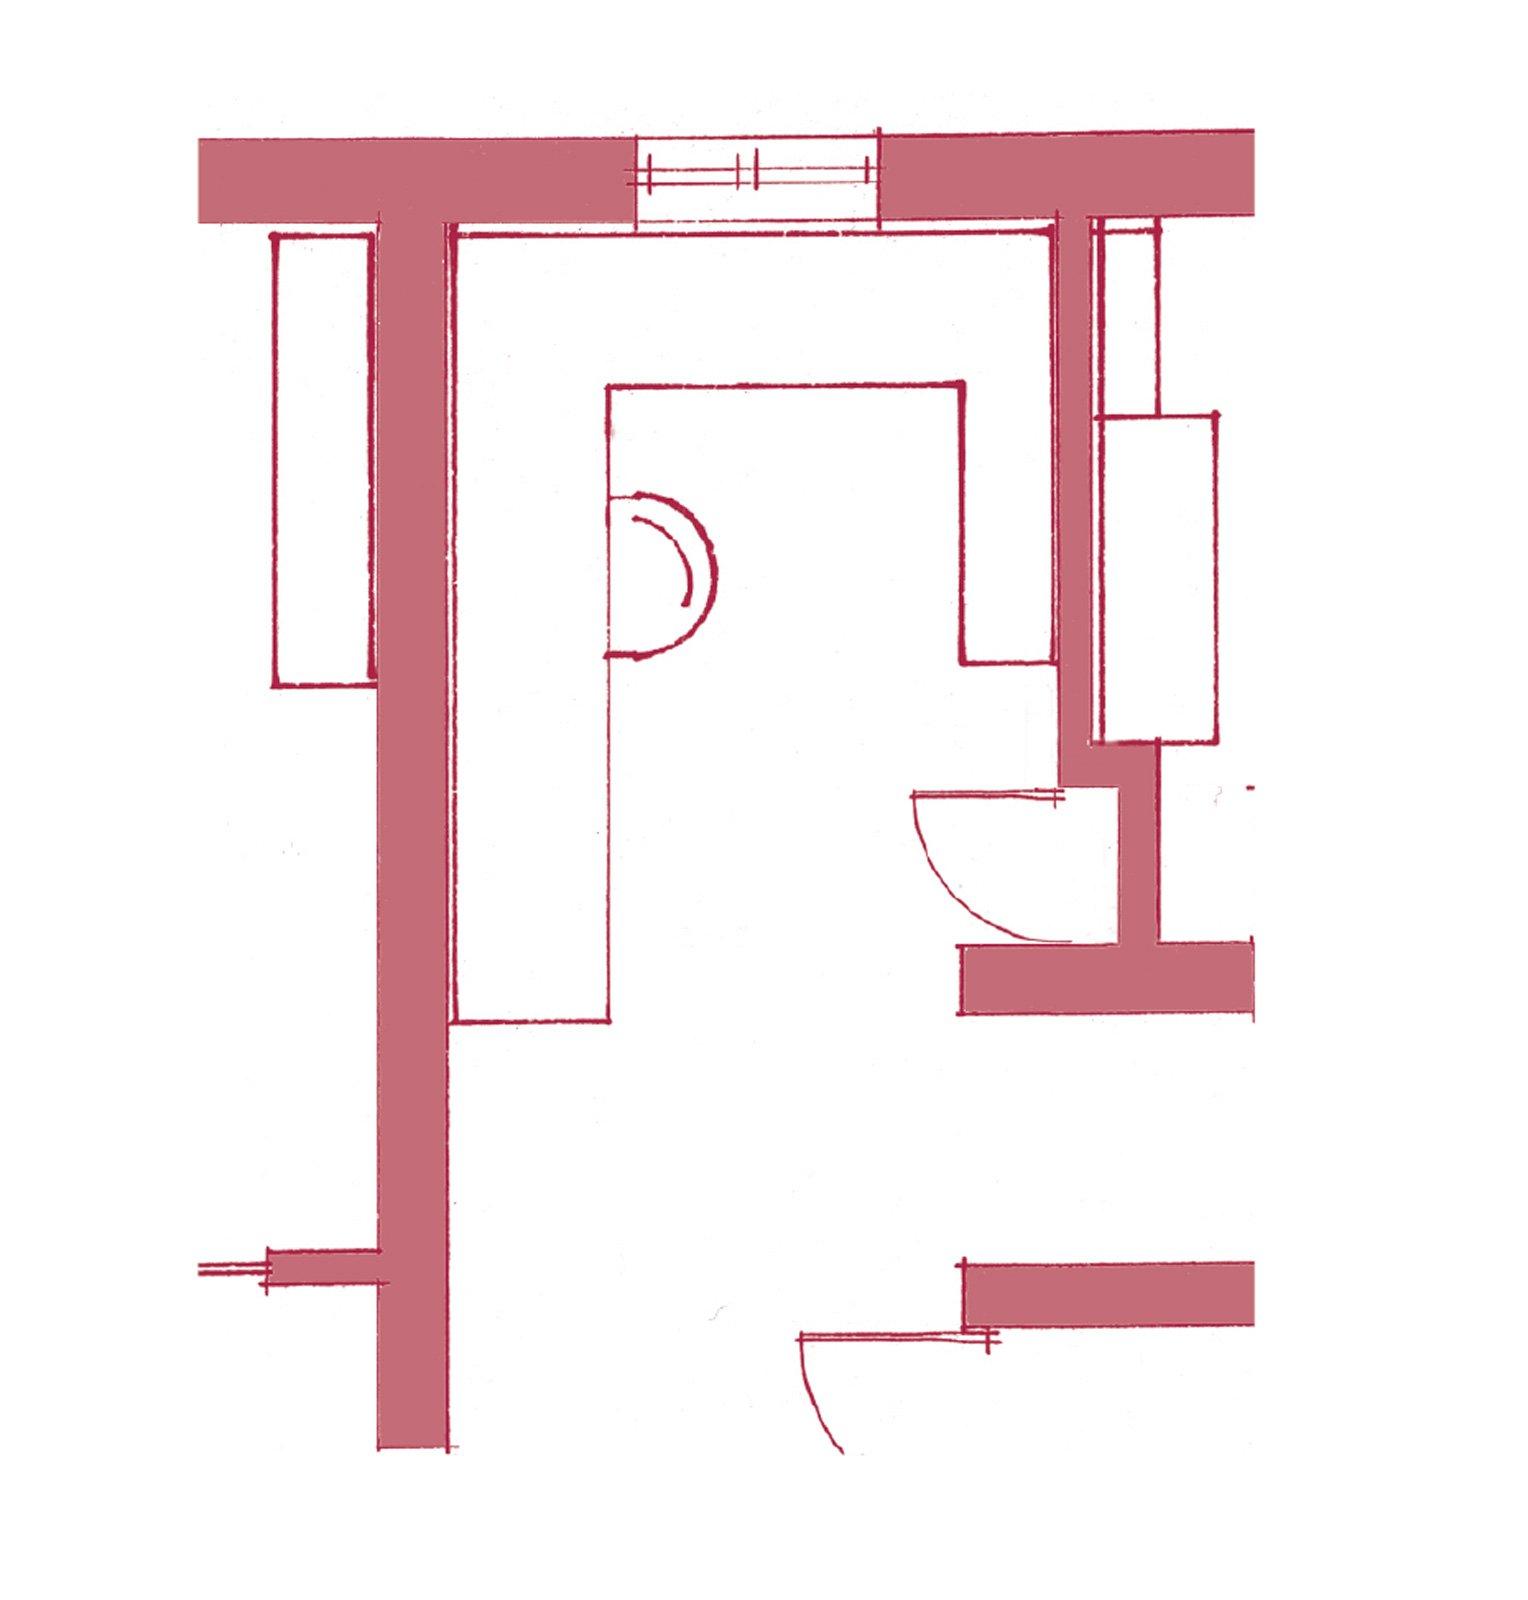 All'ingresso dello studio, chiudendo la nicchia esistente con un'anta a battente, è stato ricavato  un armadio-ripostiglio, profondo circa 30 cm, utile  per riporre (e nascondere) gli strumenti di lavoro.